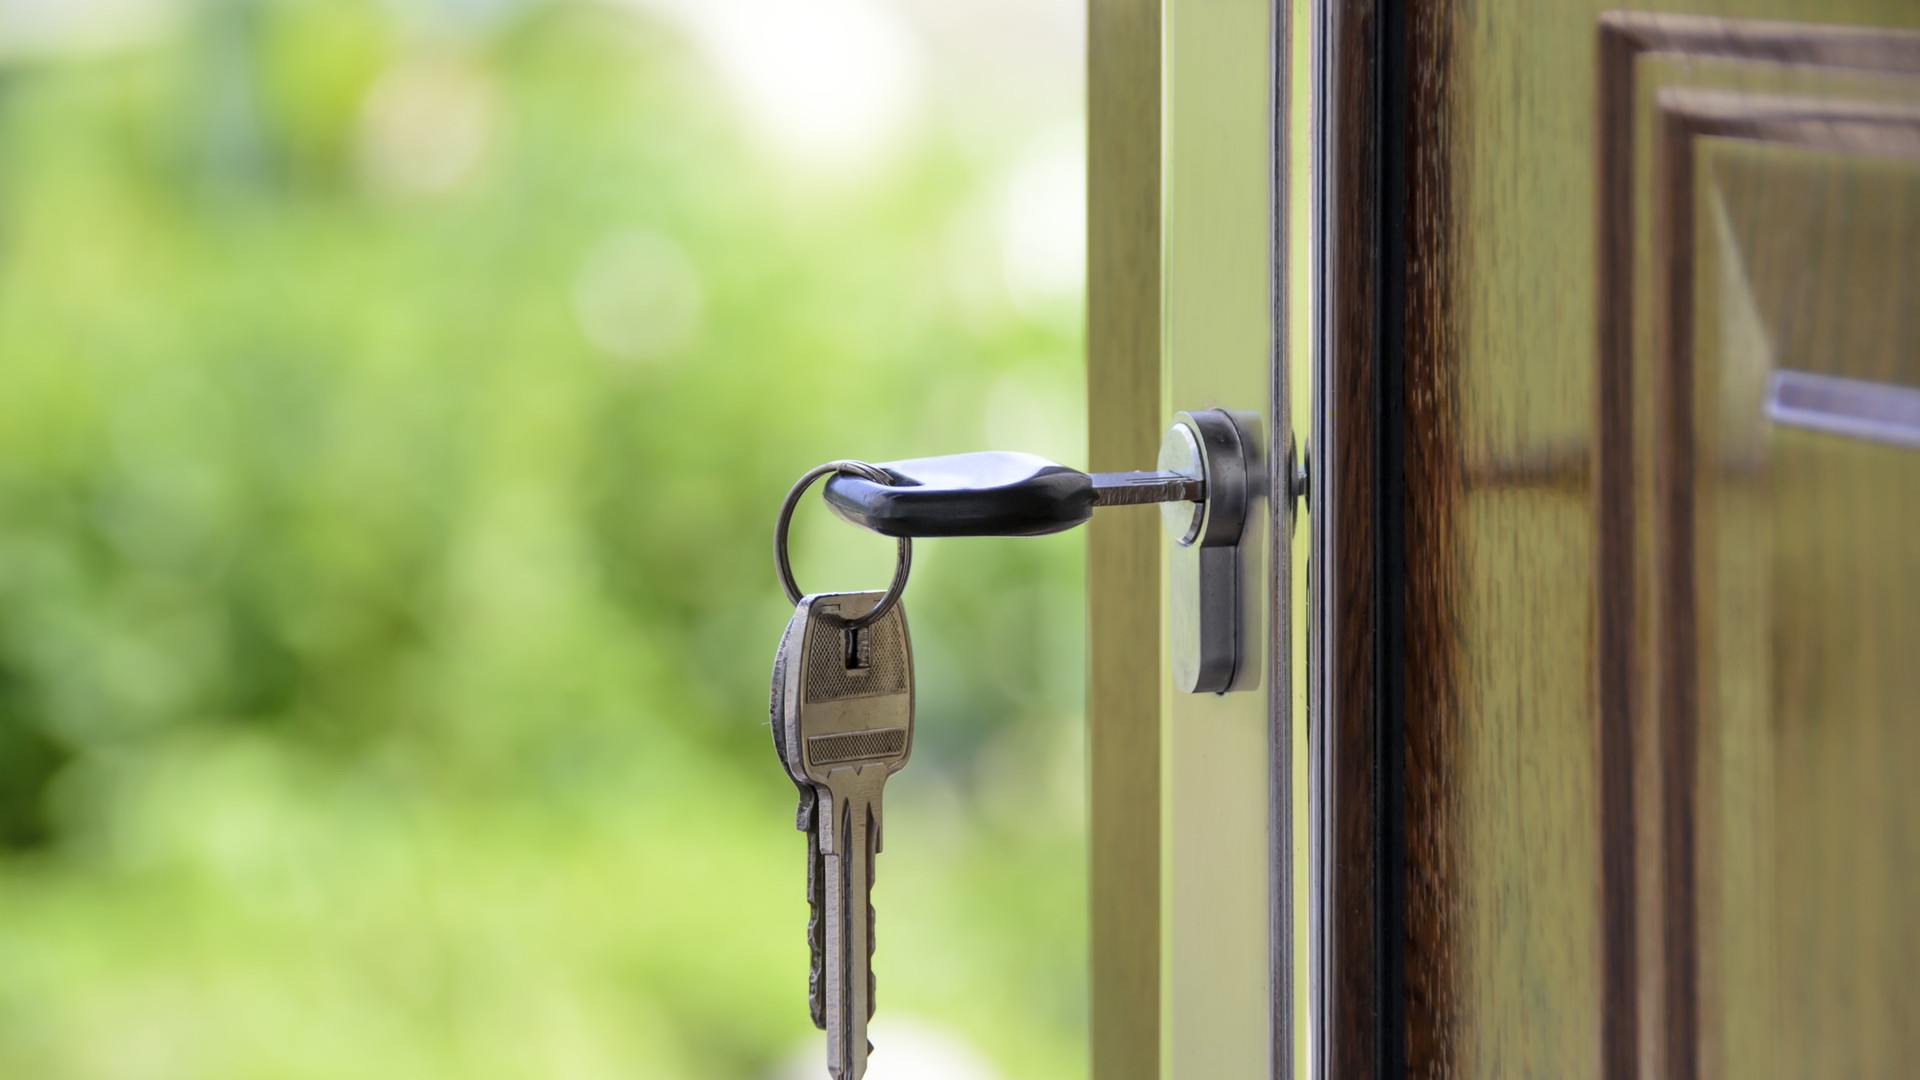 mesdames choisissez bien serrure ne plus jamais oublier vos cles - Mesdames, choisissez bien votre serrure pour ne plus jamais oublier vos clés